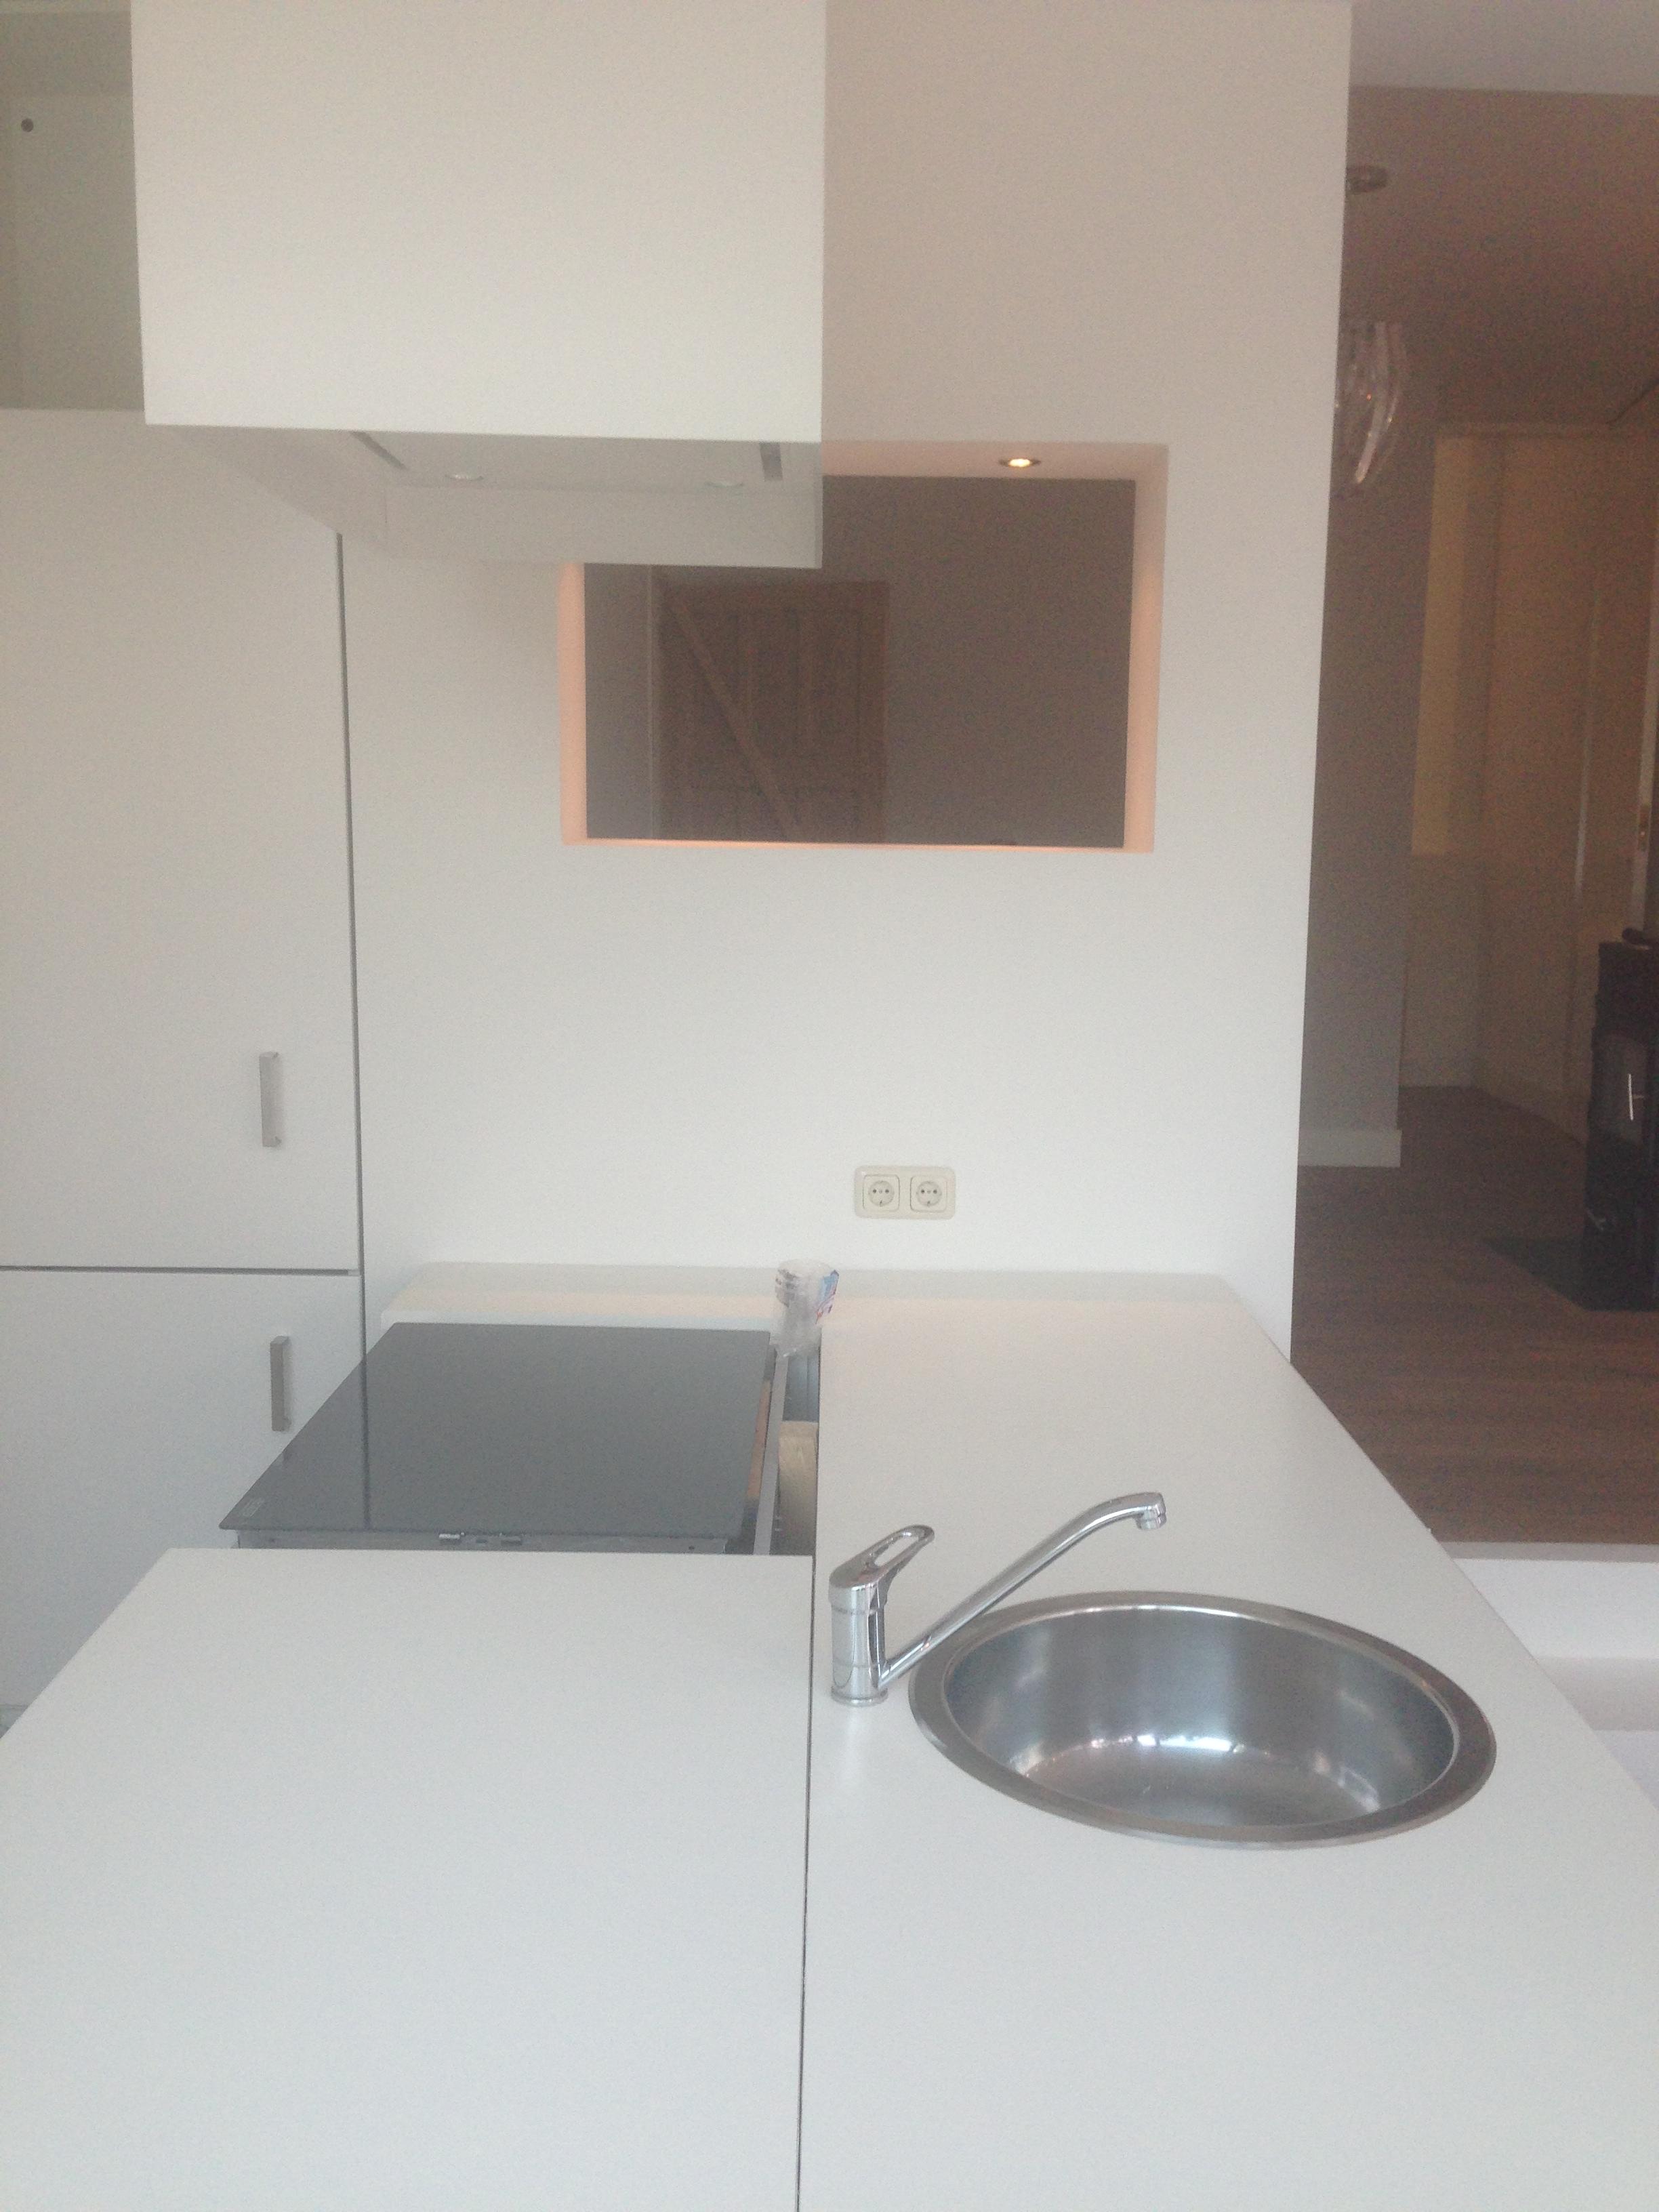 Keuken Renovatie Limburg : nieuwe keuken keuken klaar